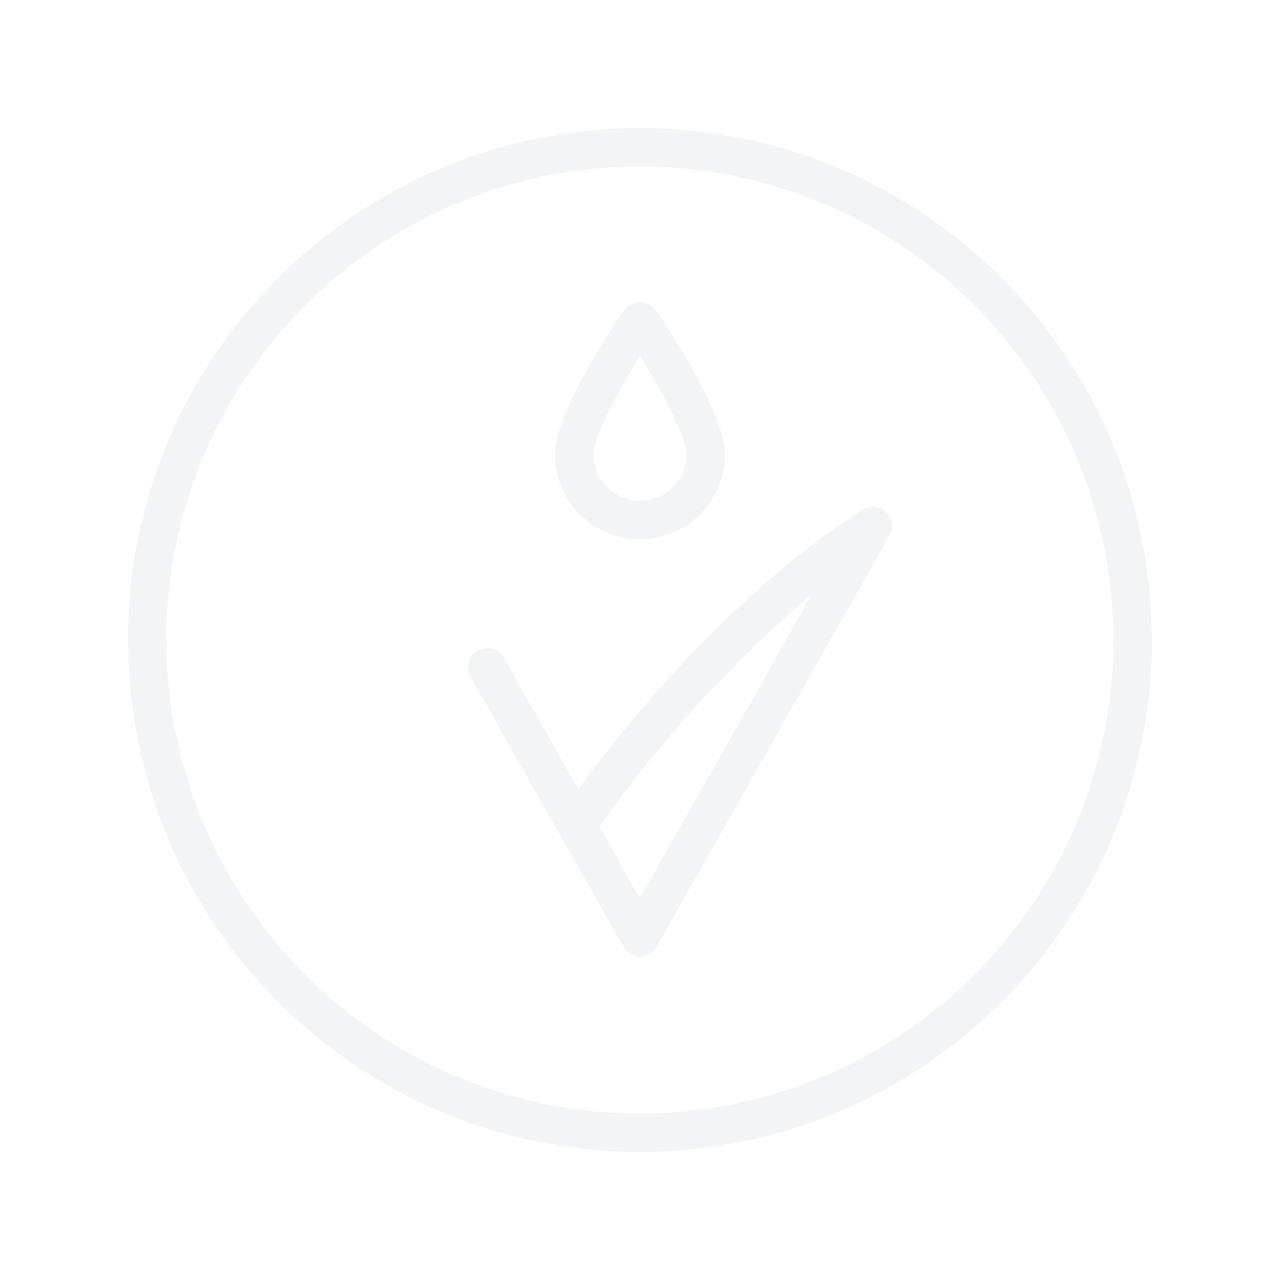 TINTS OF NATURE Henna Cream Chocolate 70ml